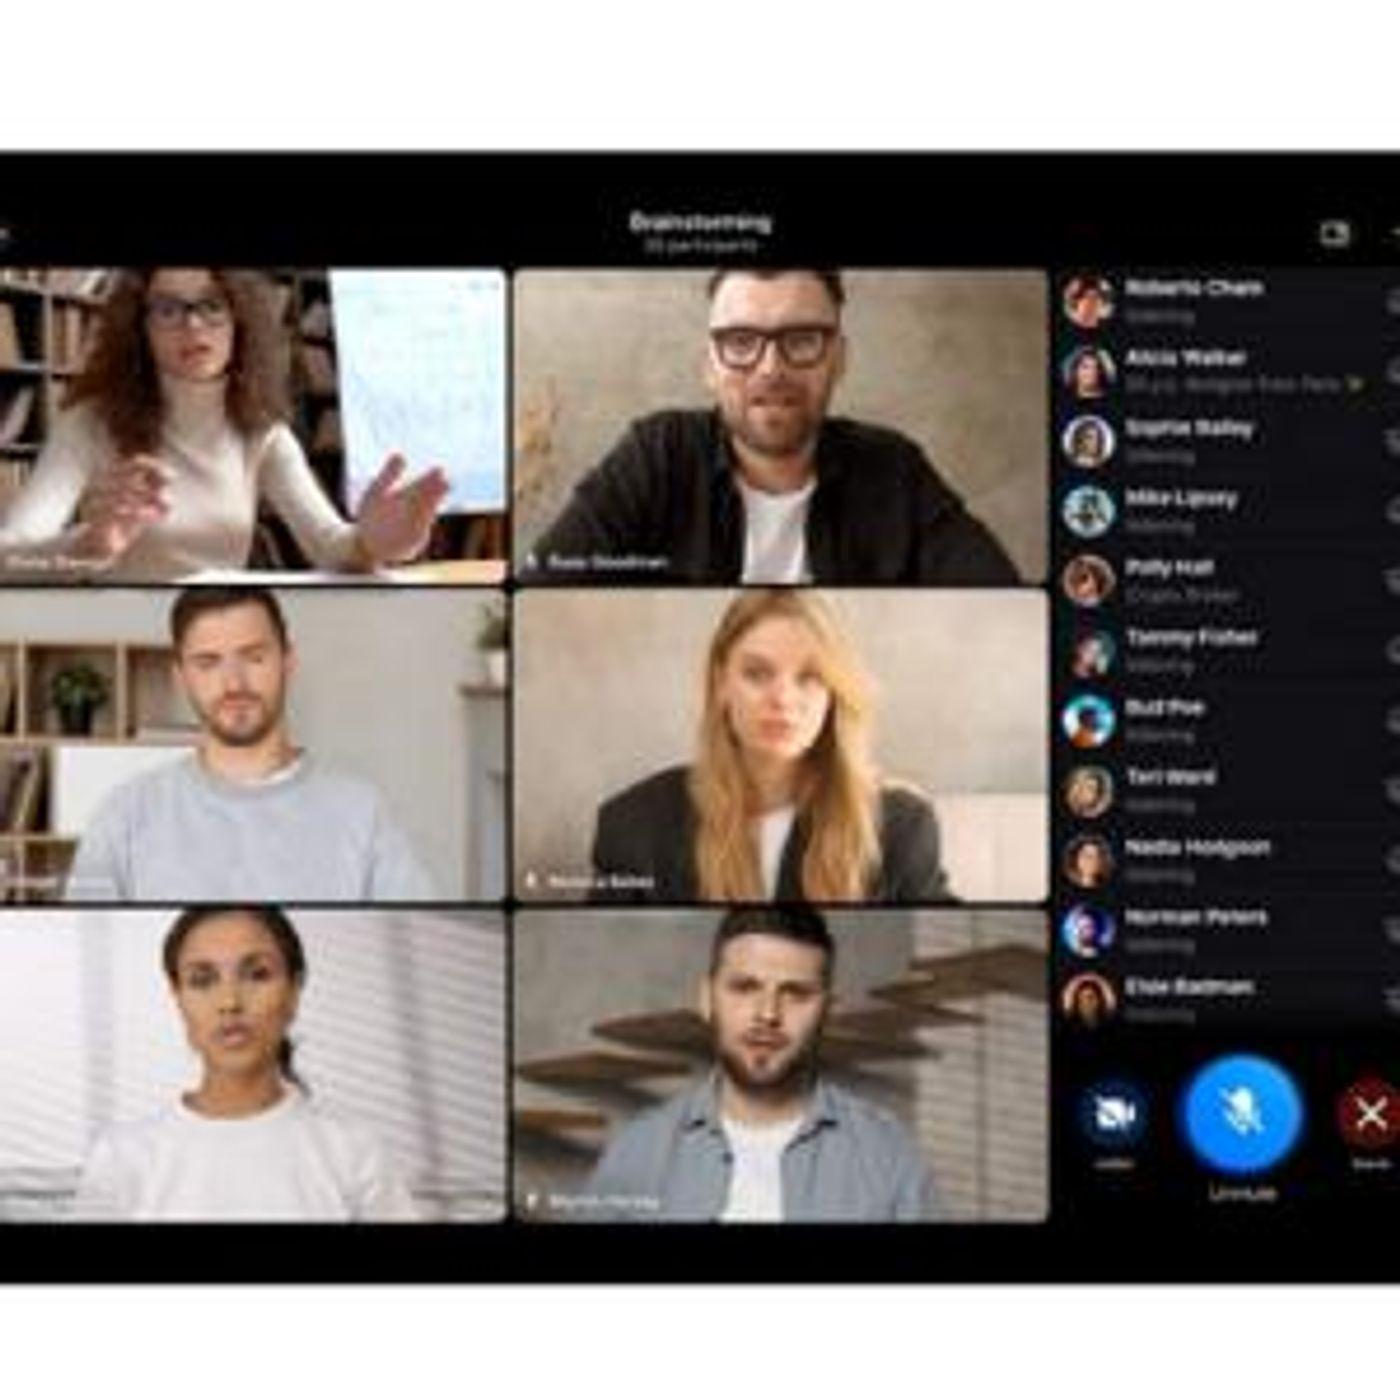 Las vídeollamadas grupales llegan a Telegram